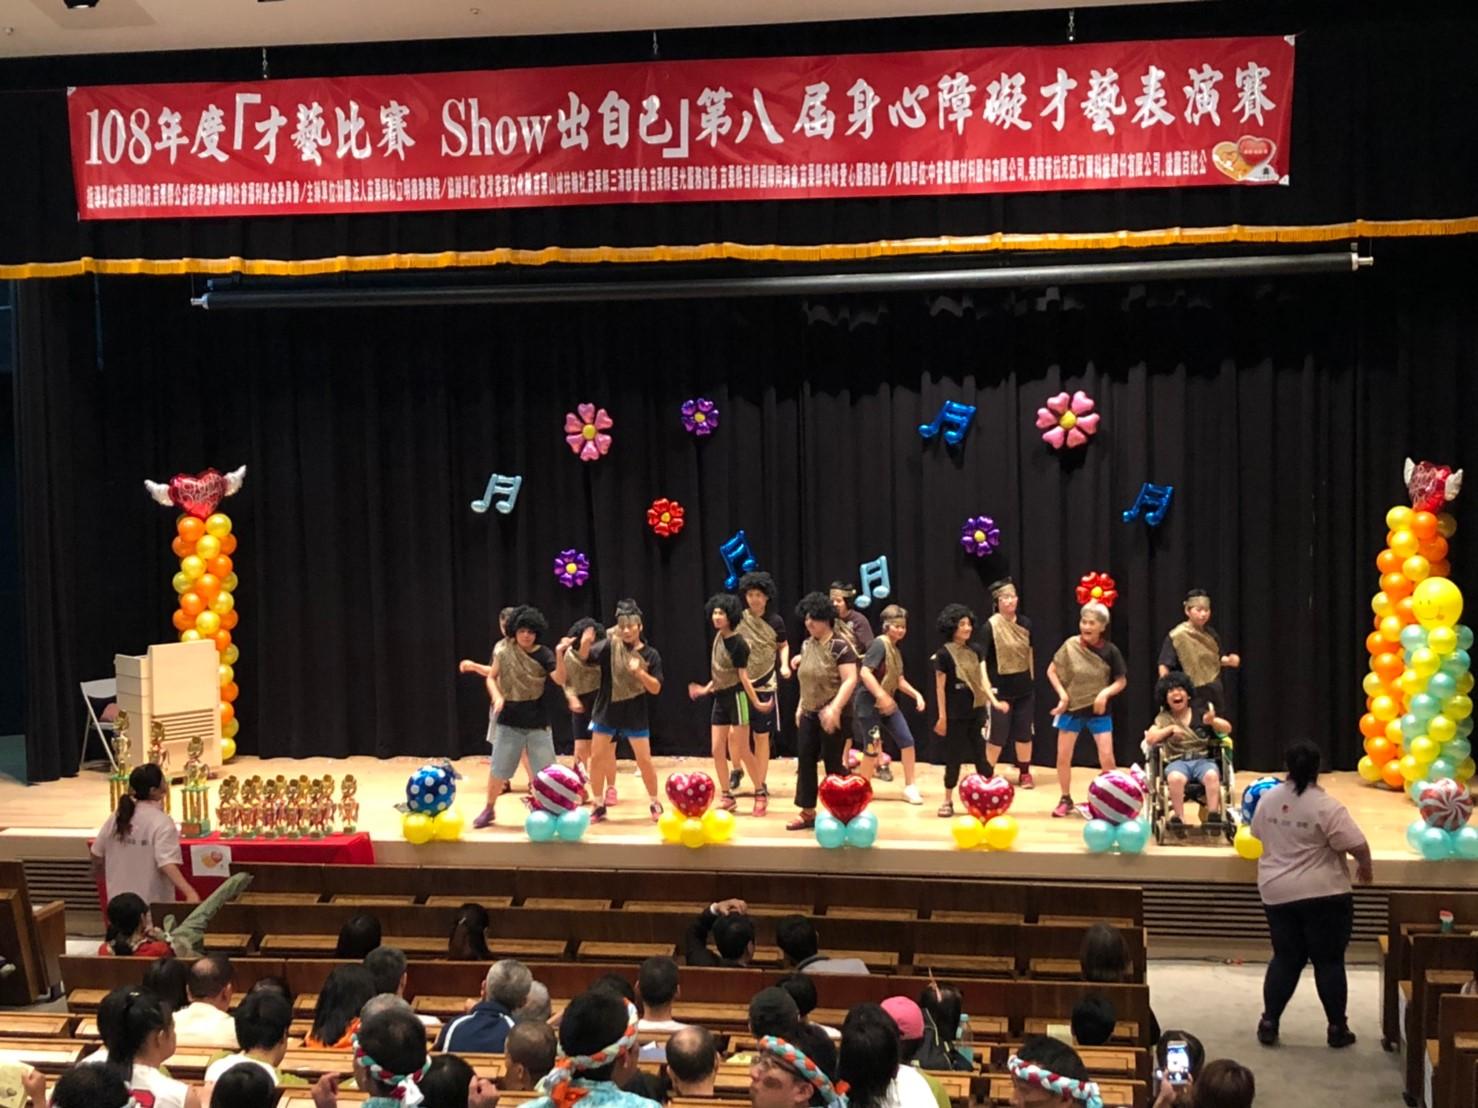 1080503明德教養院108年度「才藝比賽 Show出自己」第八屆身心障礙才藝表演賽